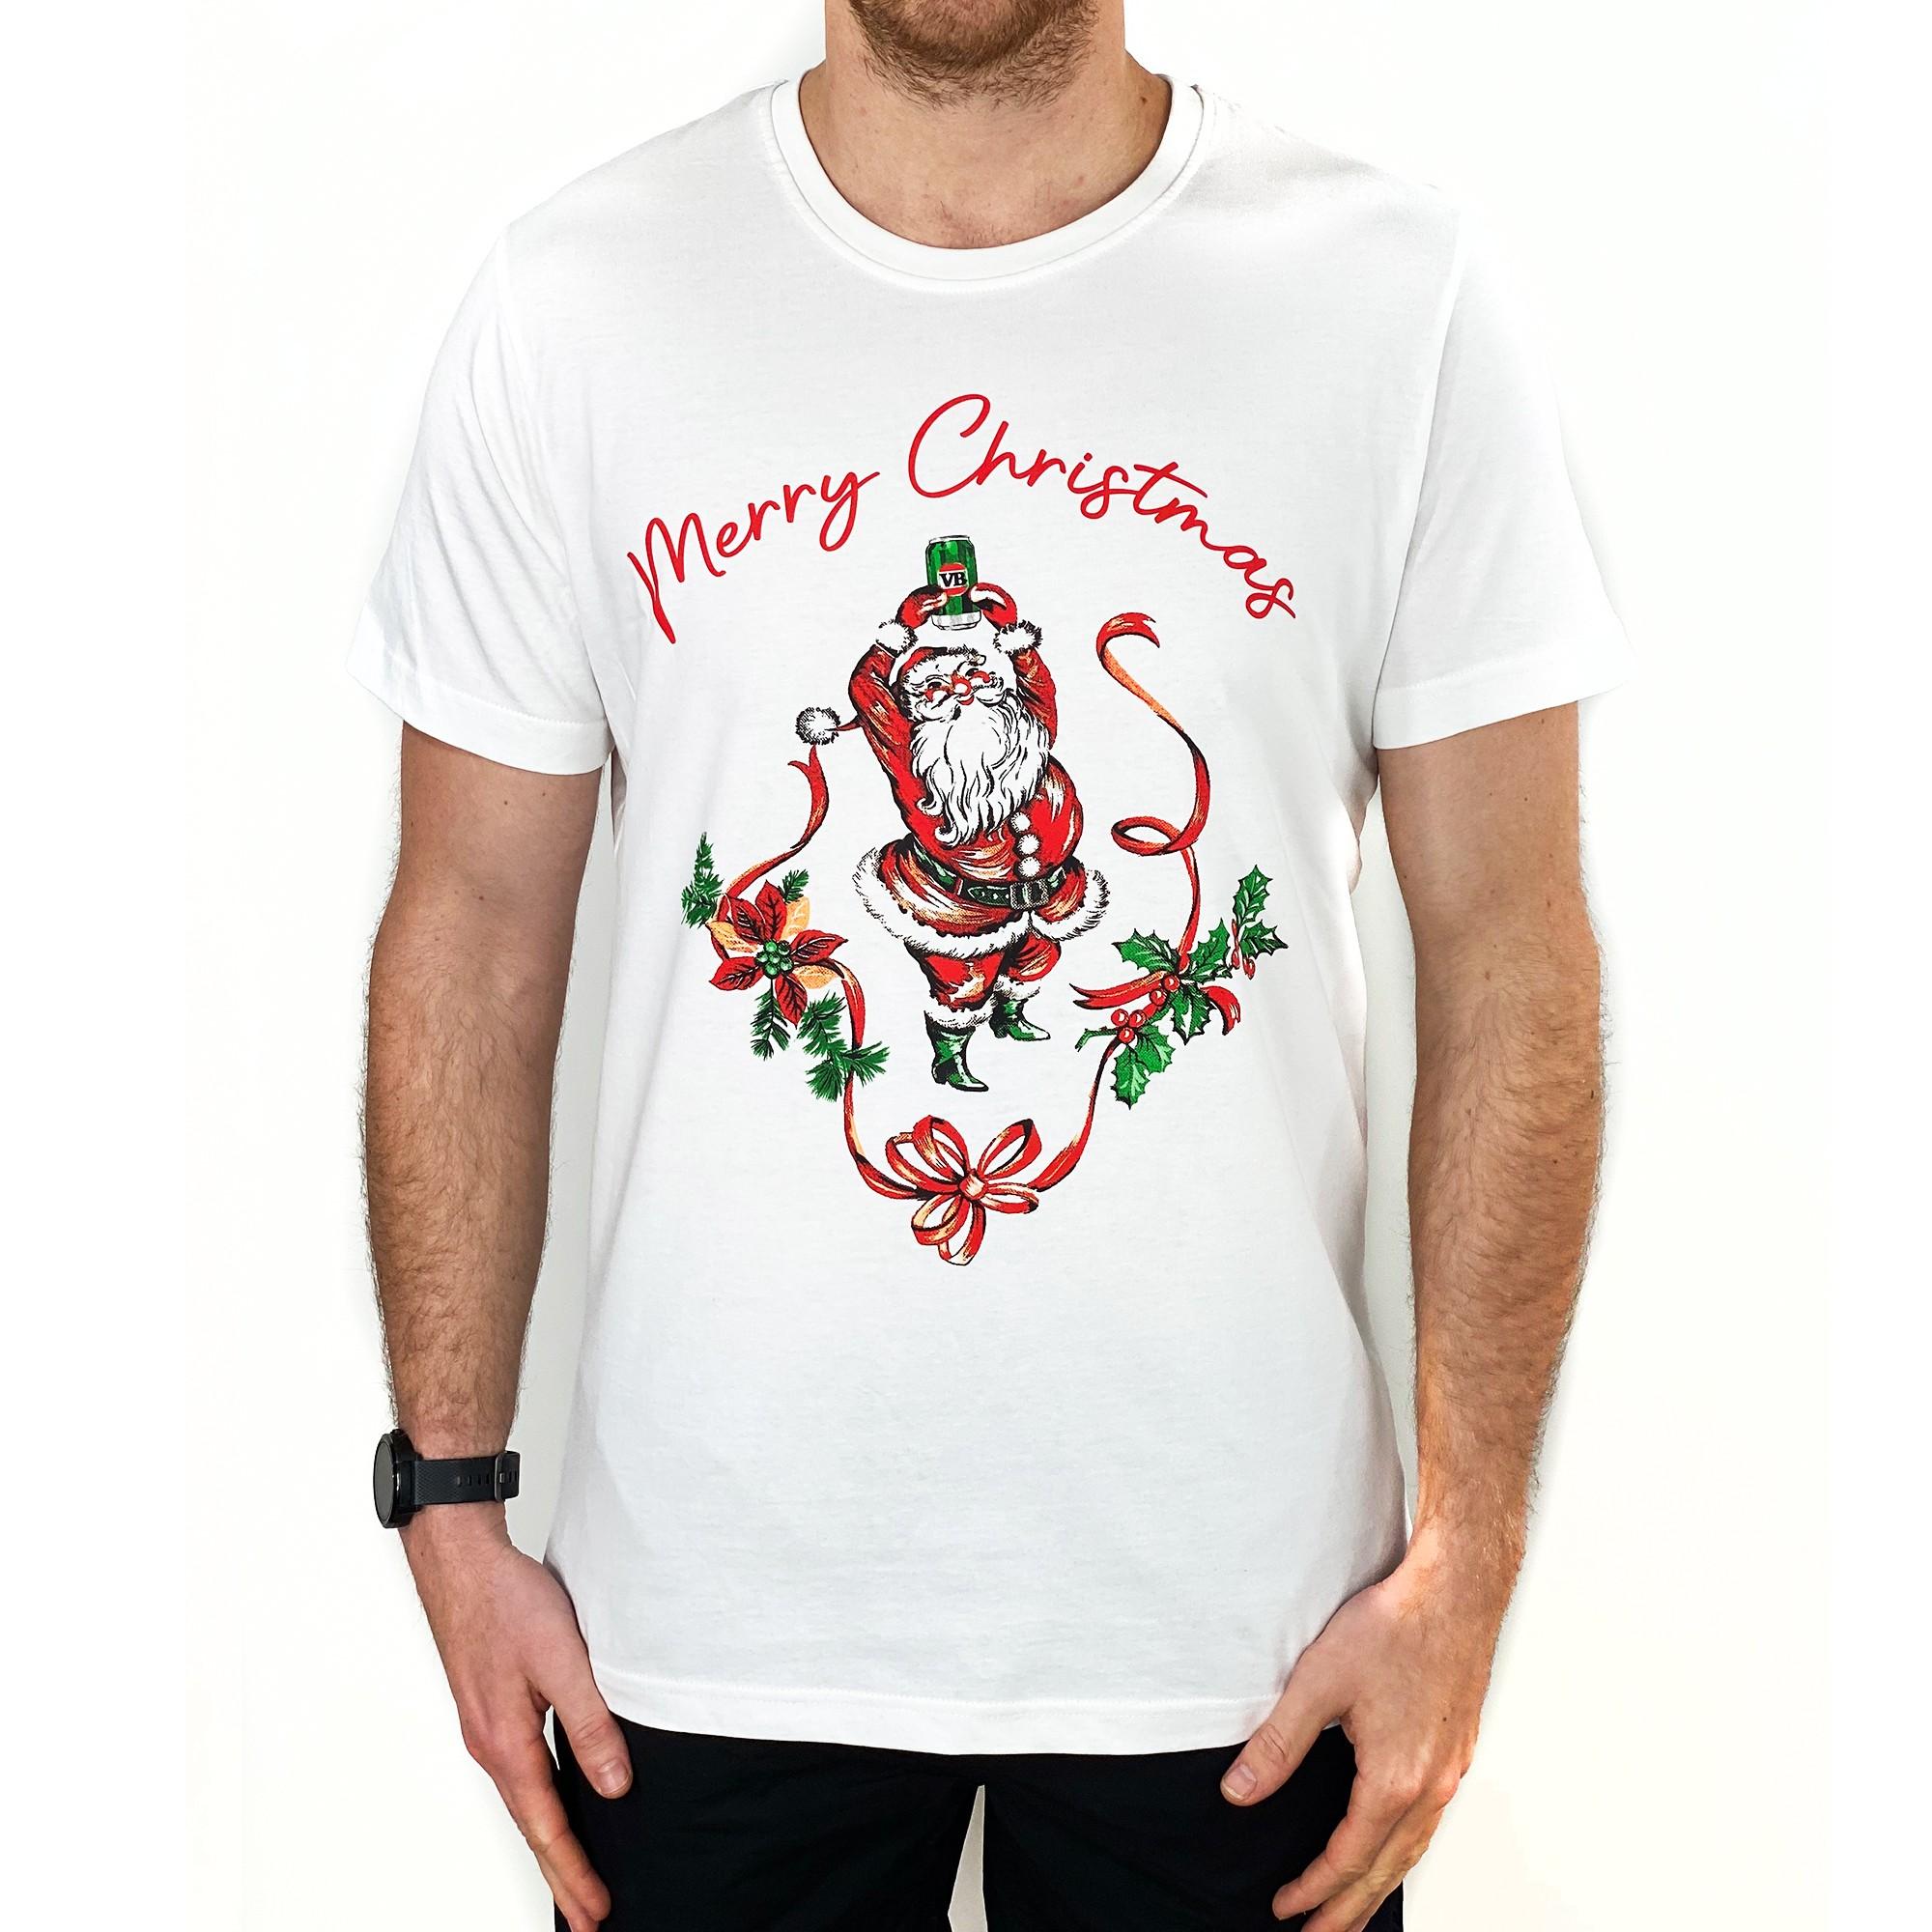 MERRY CHRISTMAS WHITE TEE